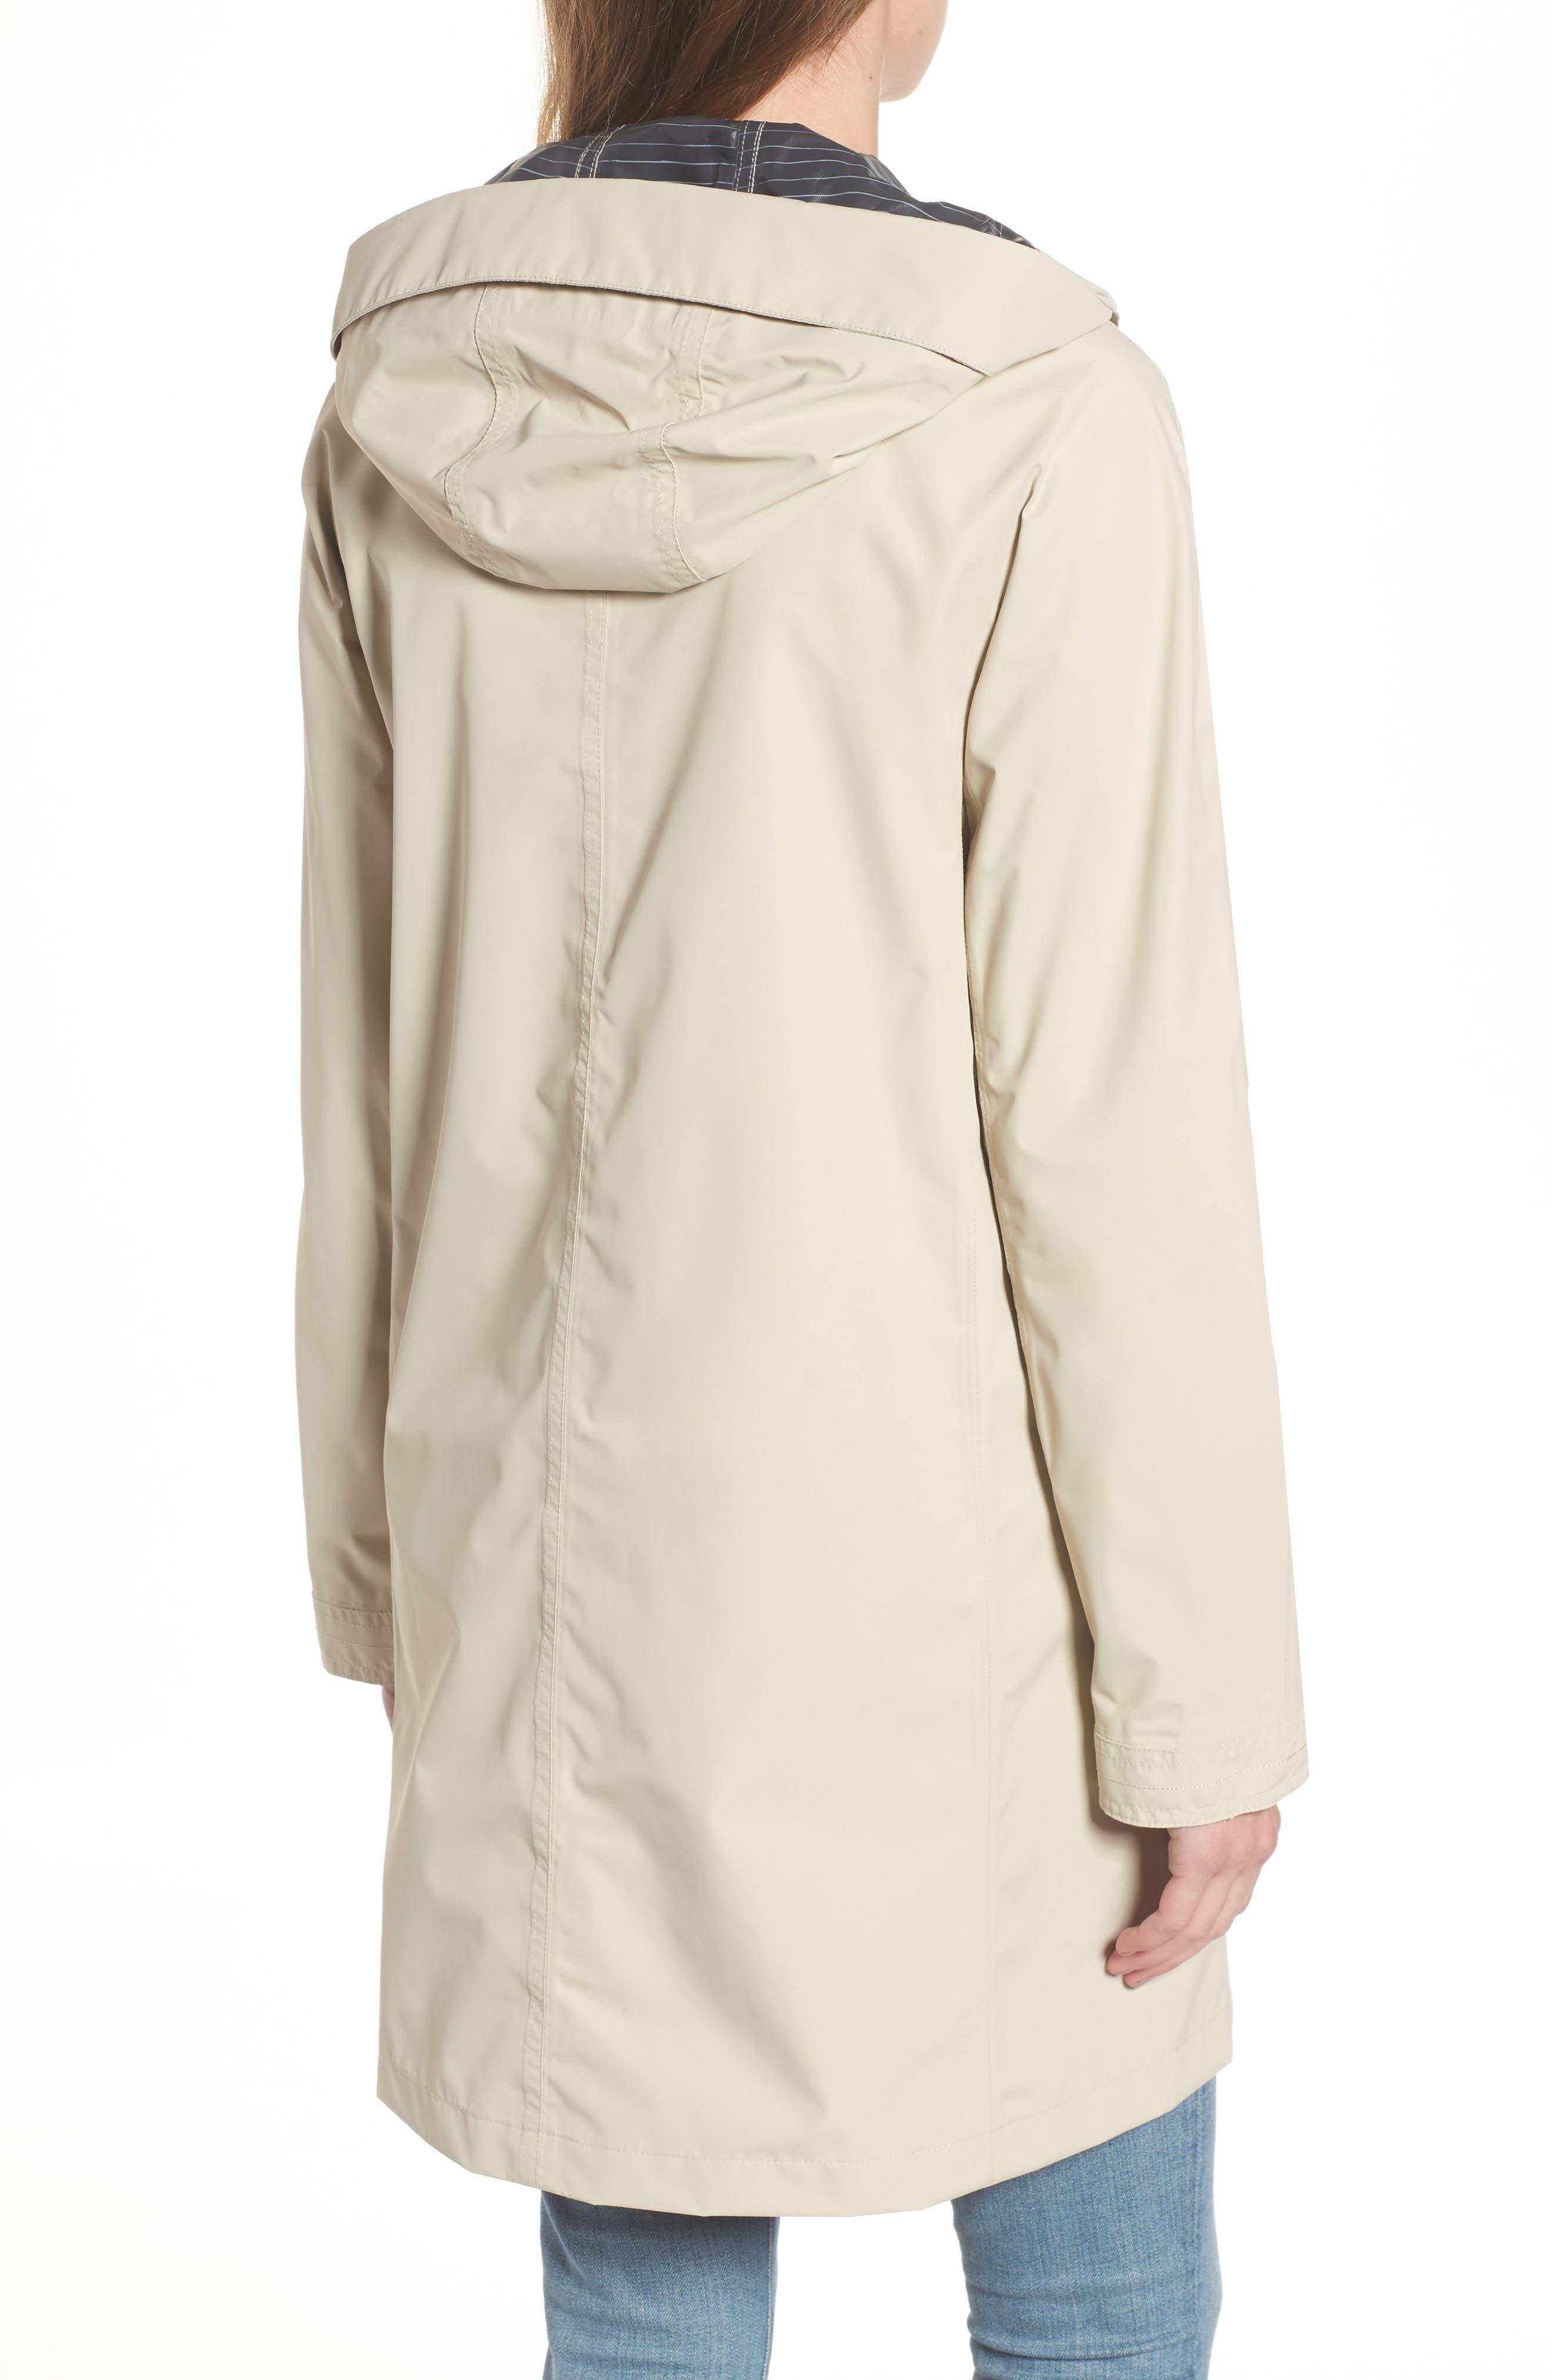 Hartland Hooded Jacket,                             Alternate thumbnail 2, color,                             270